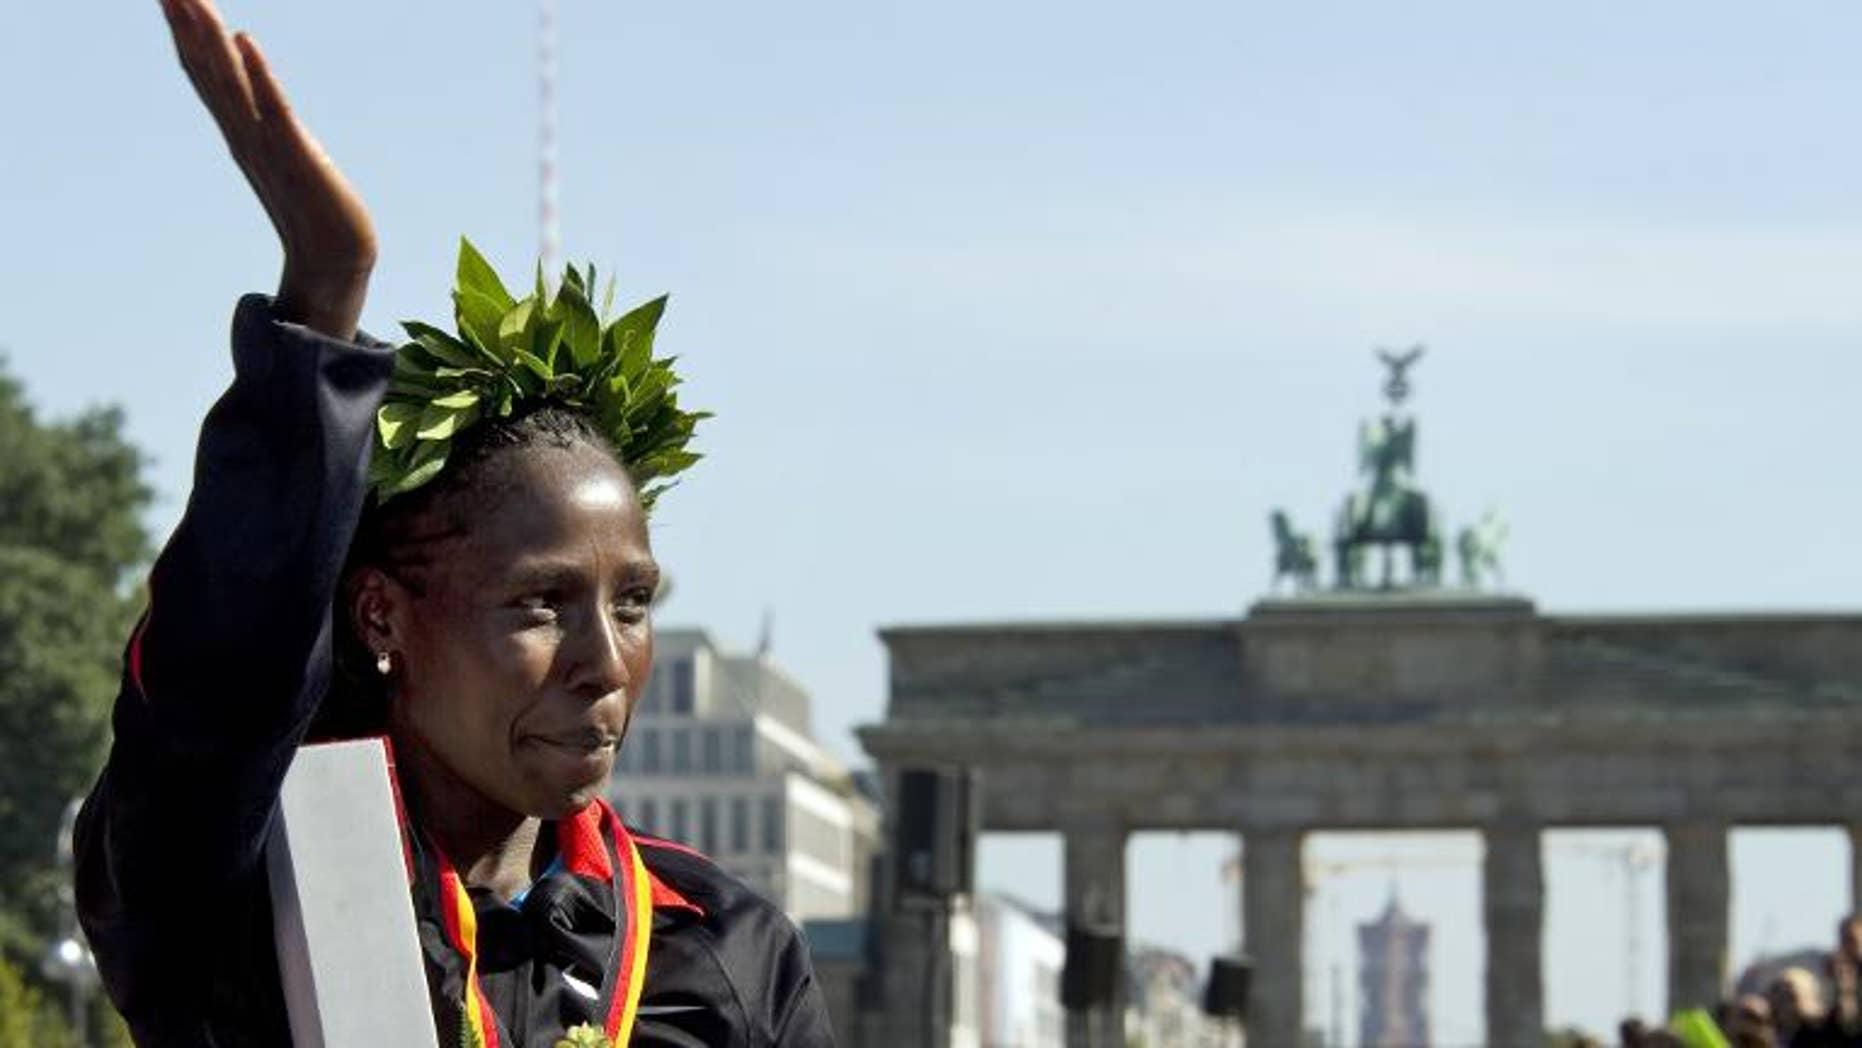 Florence Kiplagat of Kenya celebrates after the 38th Berlin Marathon on September 25, 2011